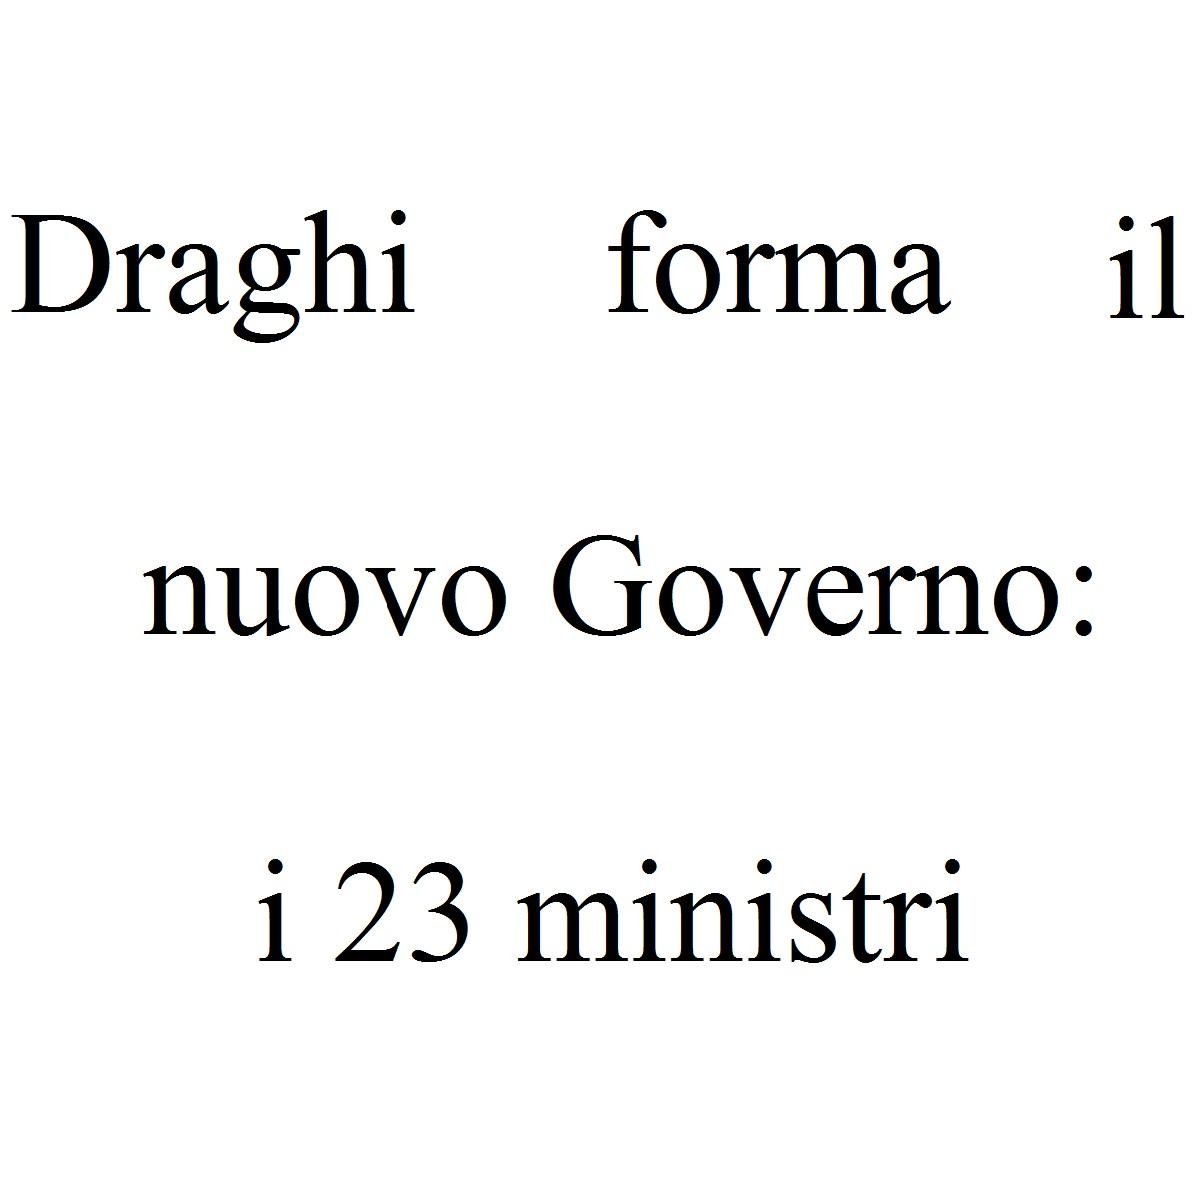 Draghi forma il nuovo Governo i 23 ministri foto